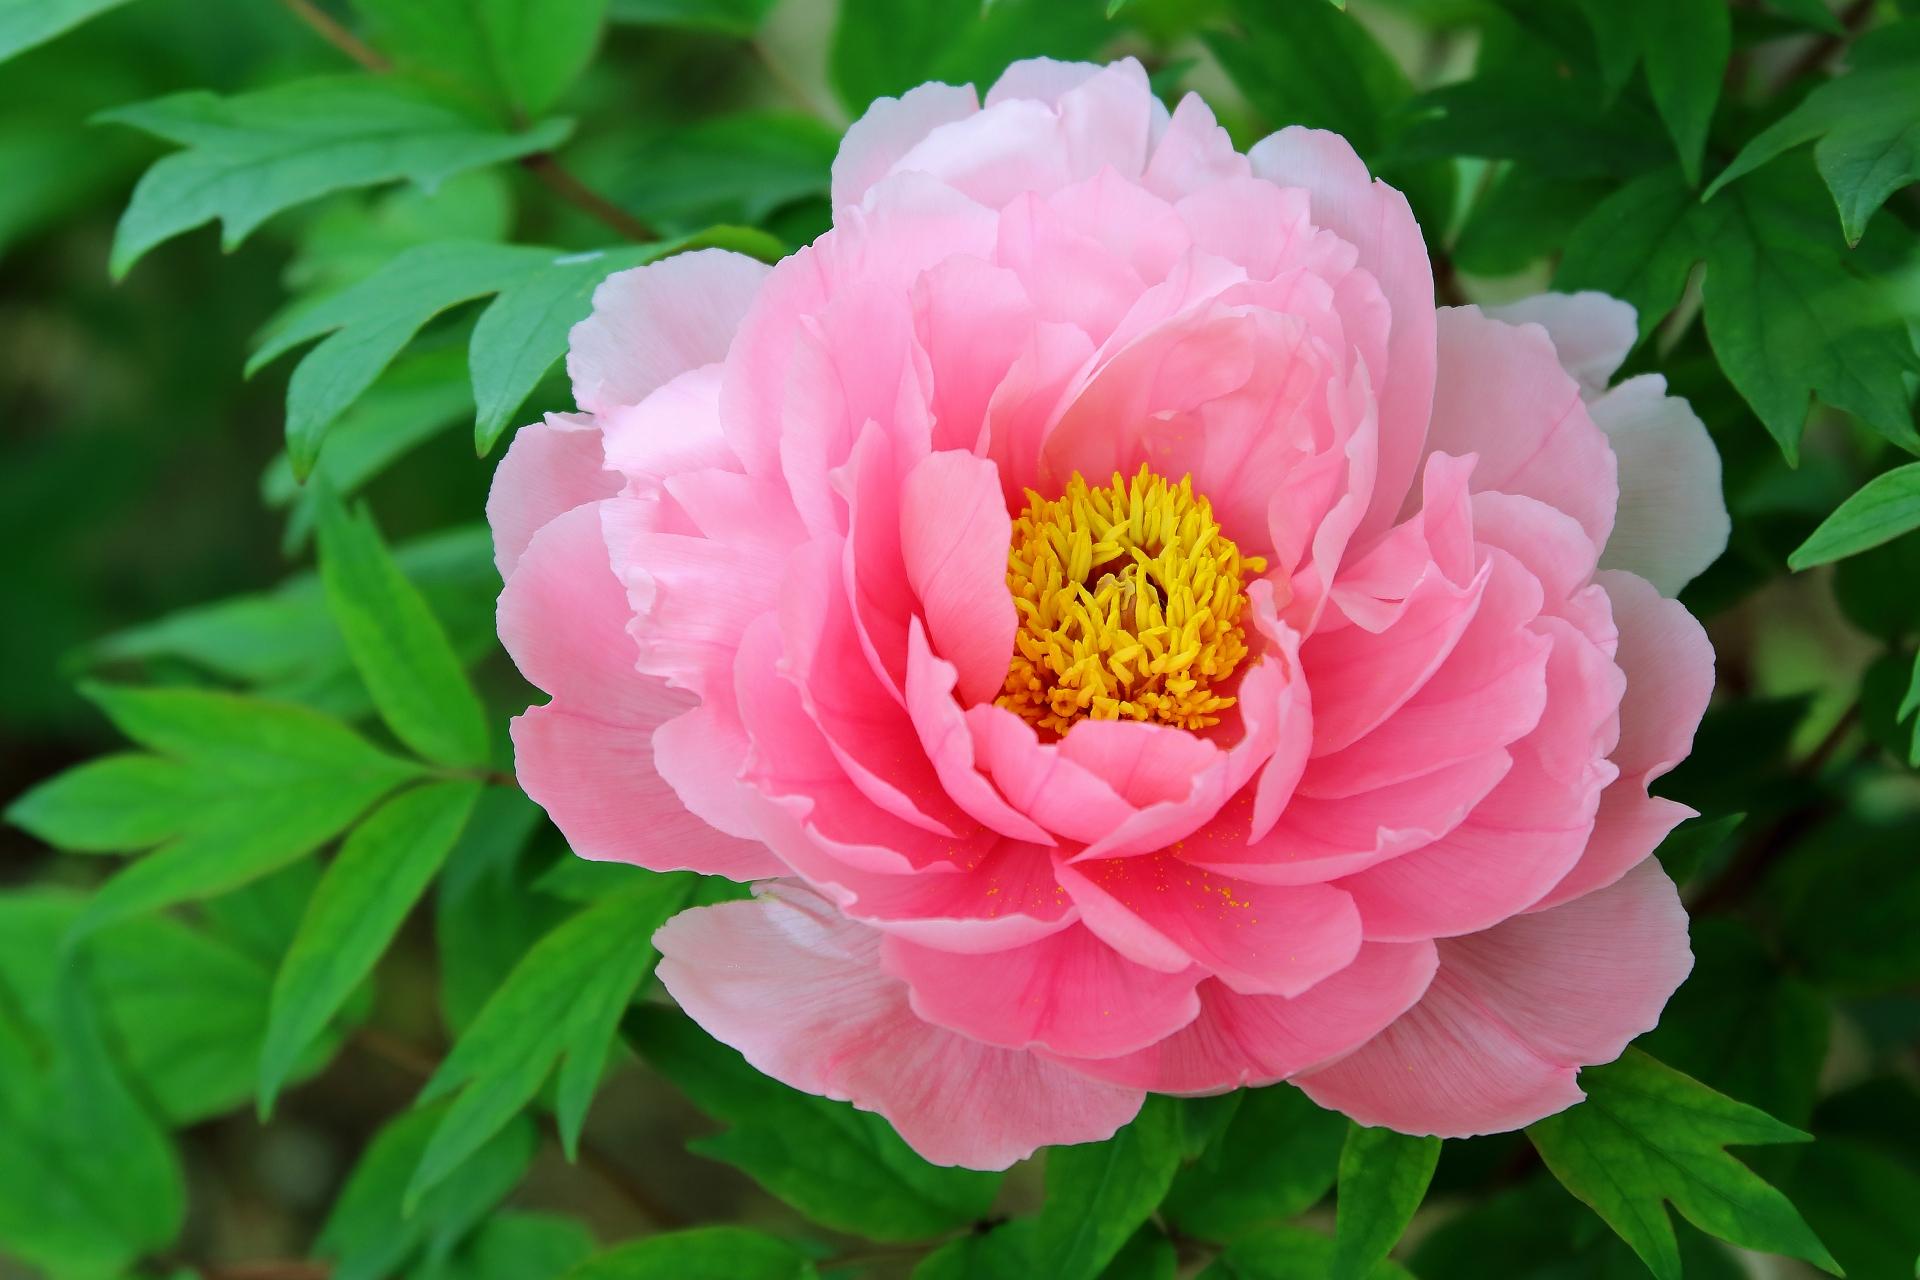 ガーデン用品屋さんの花図鑑 ボタン